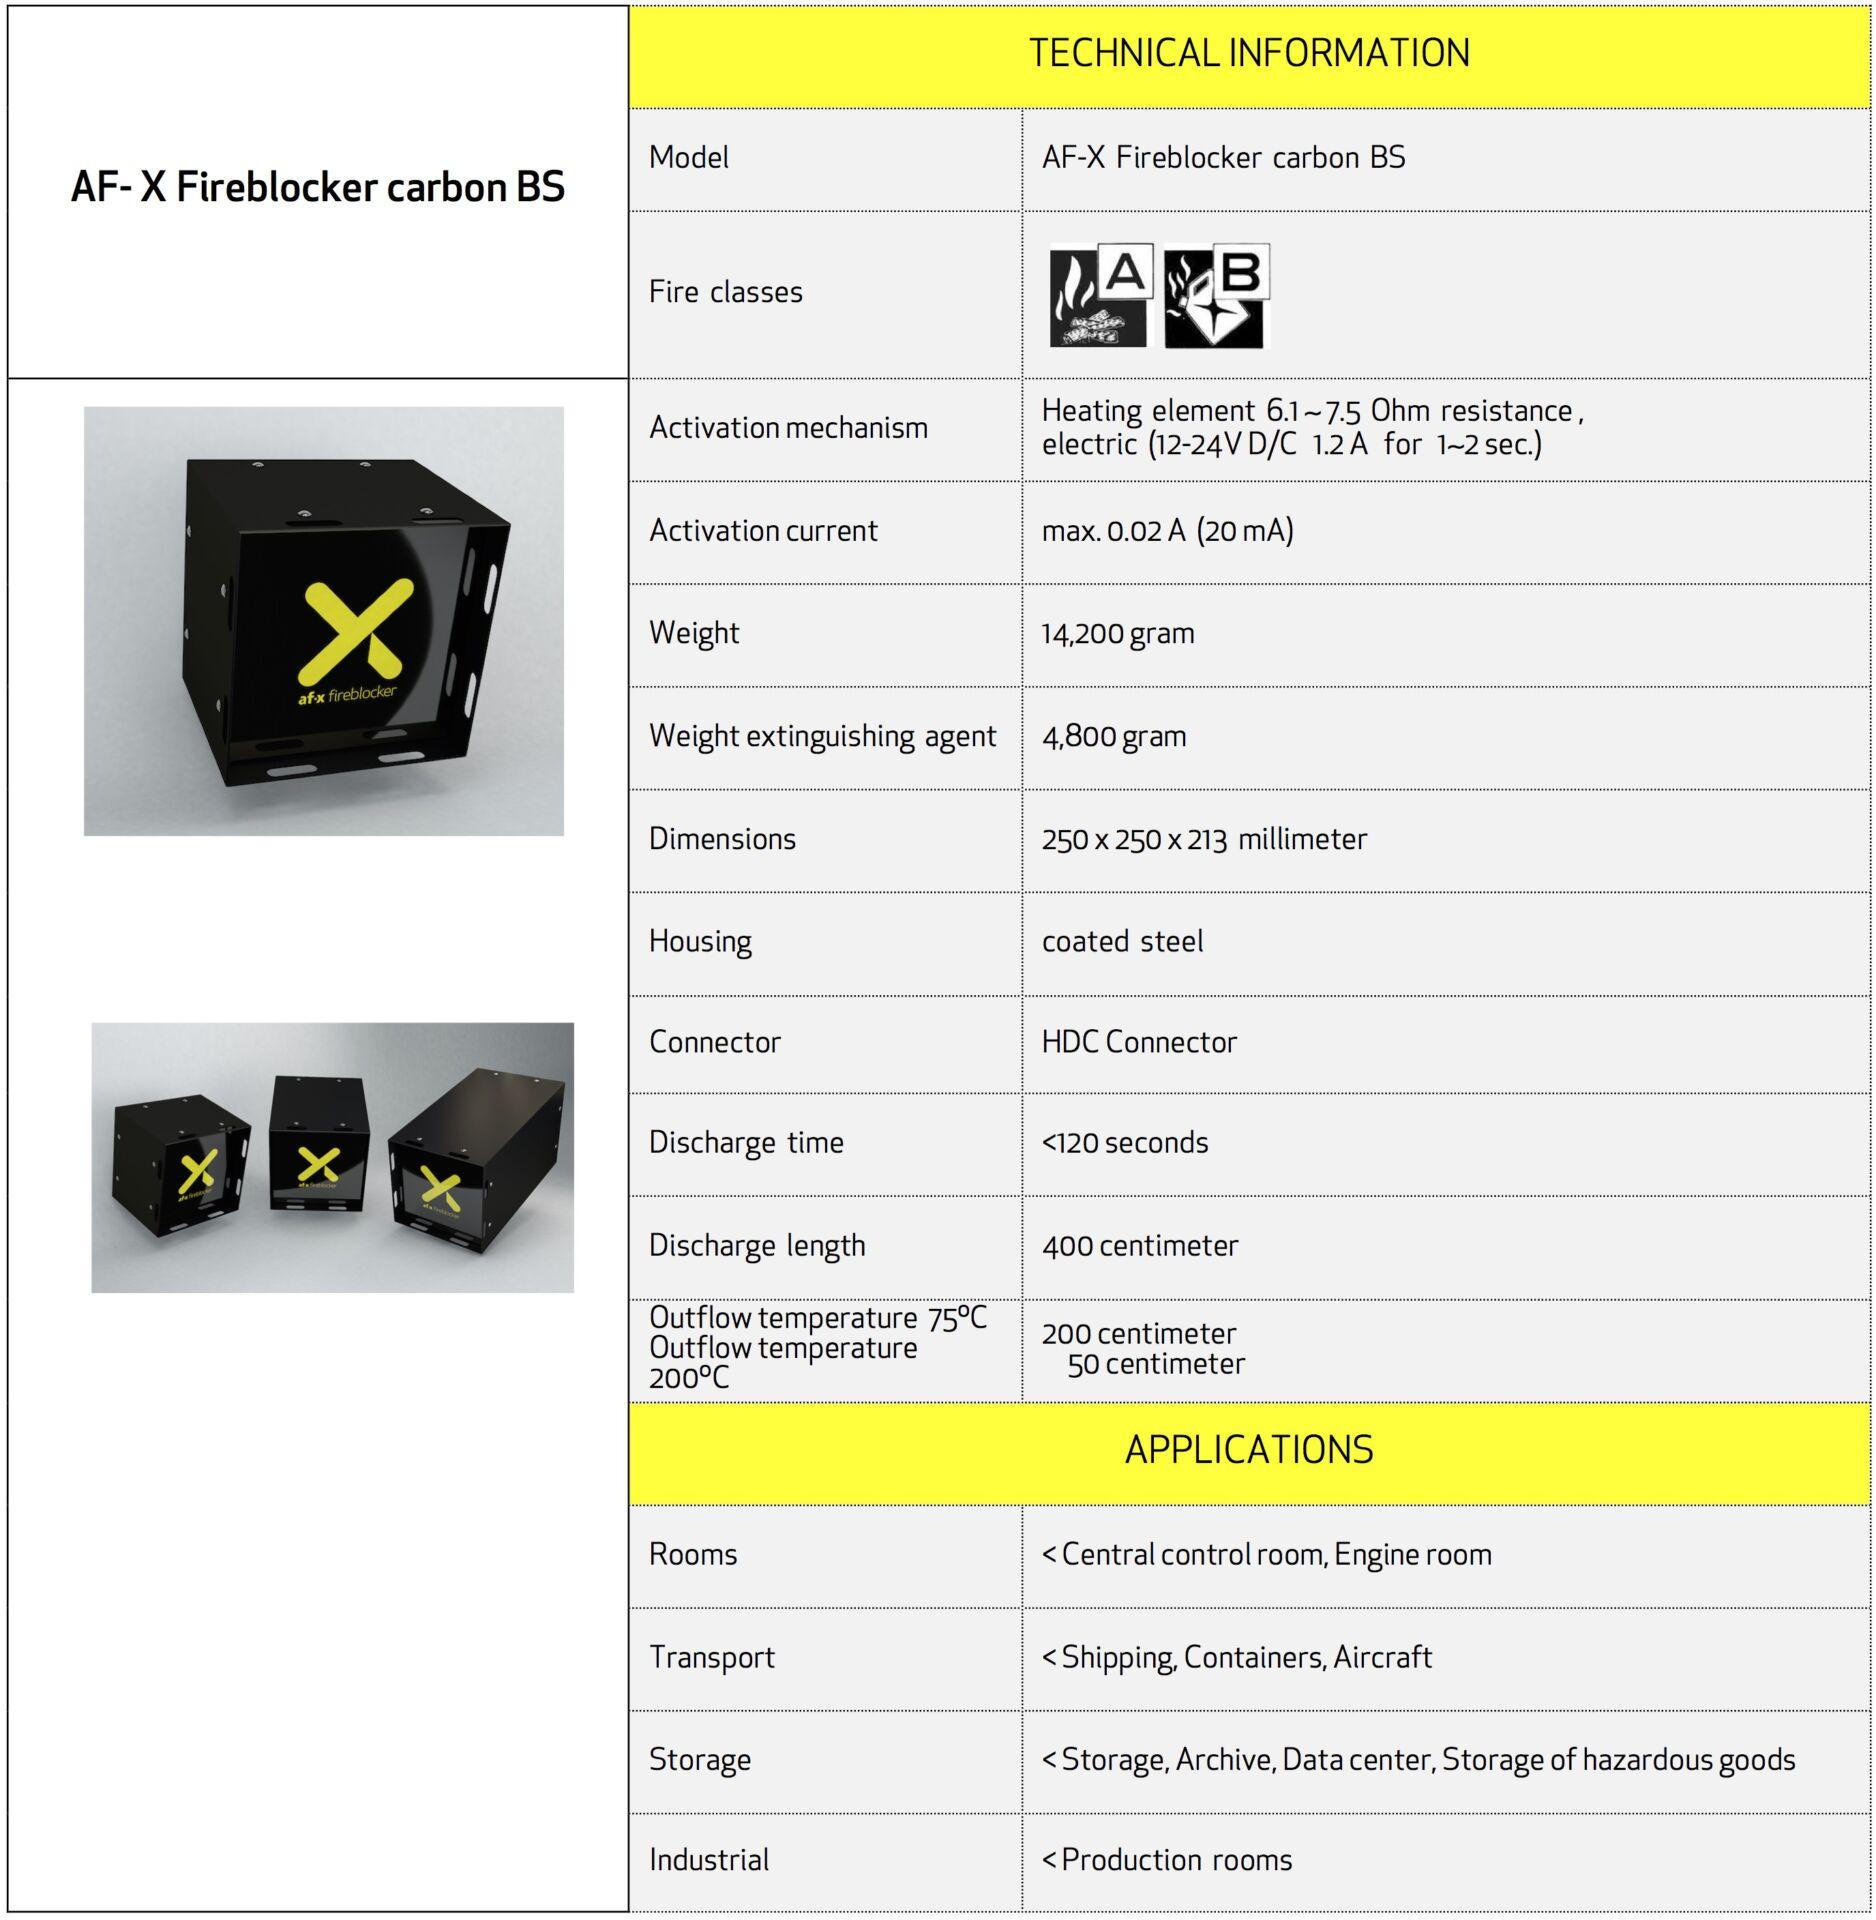 AF-X Fireblocker carbon BS UK